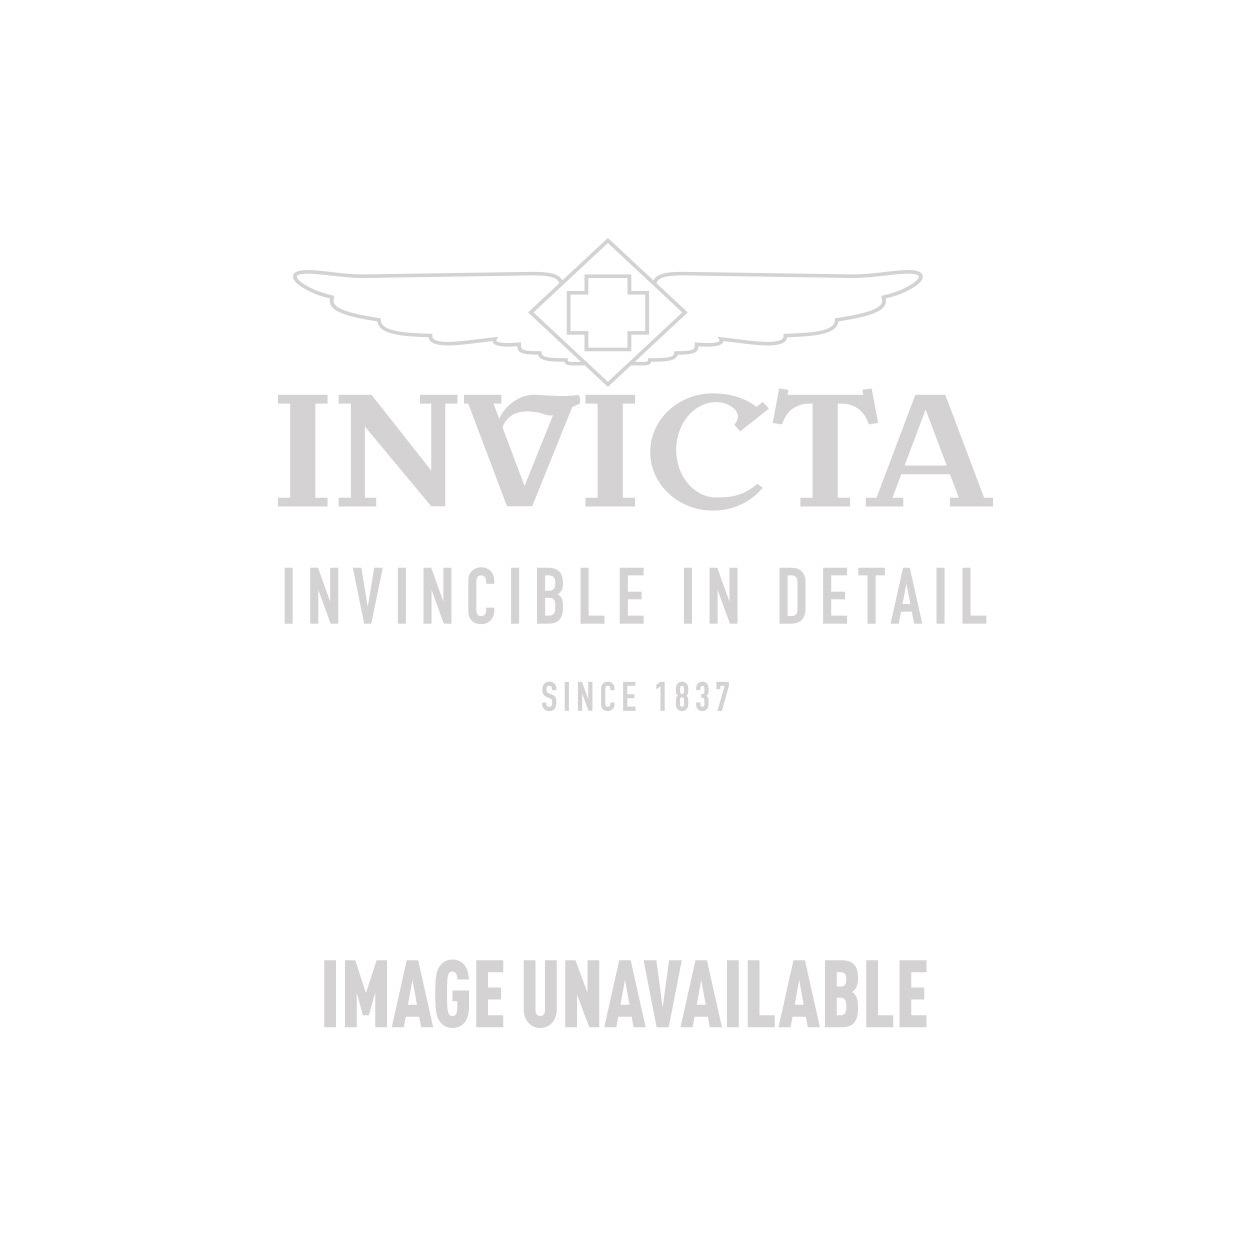 Invicta Model 28954